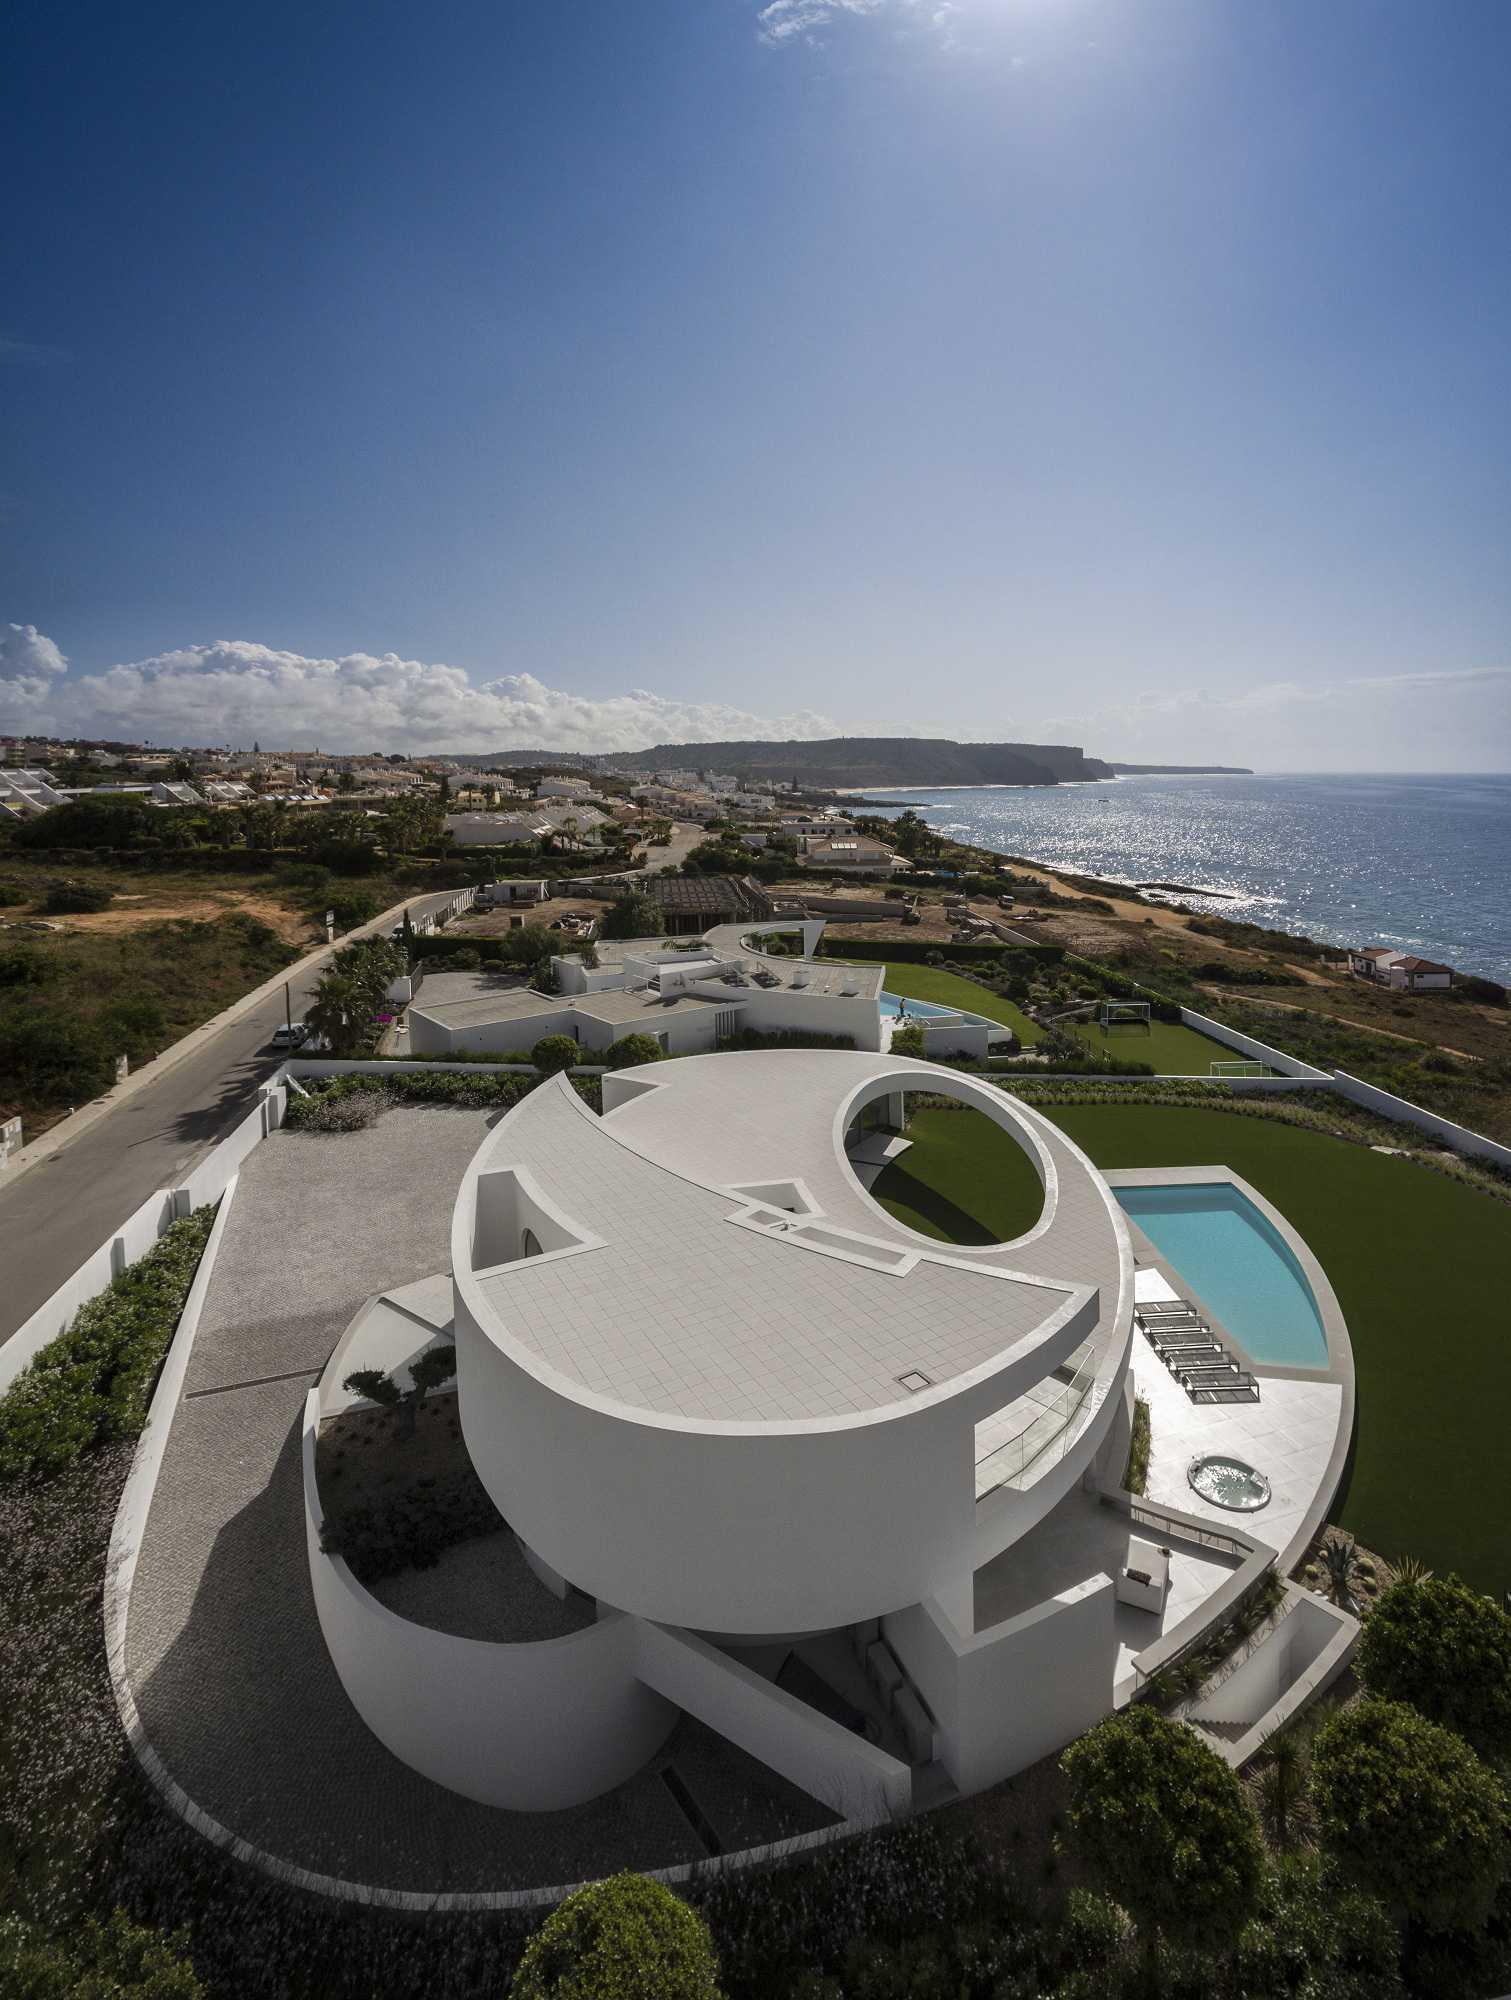 几何叠加大胆写意的白色雕塑——椭圆型住宅 | 建筑图片